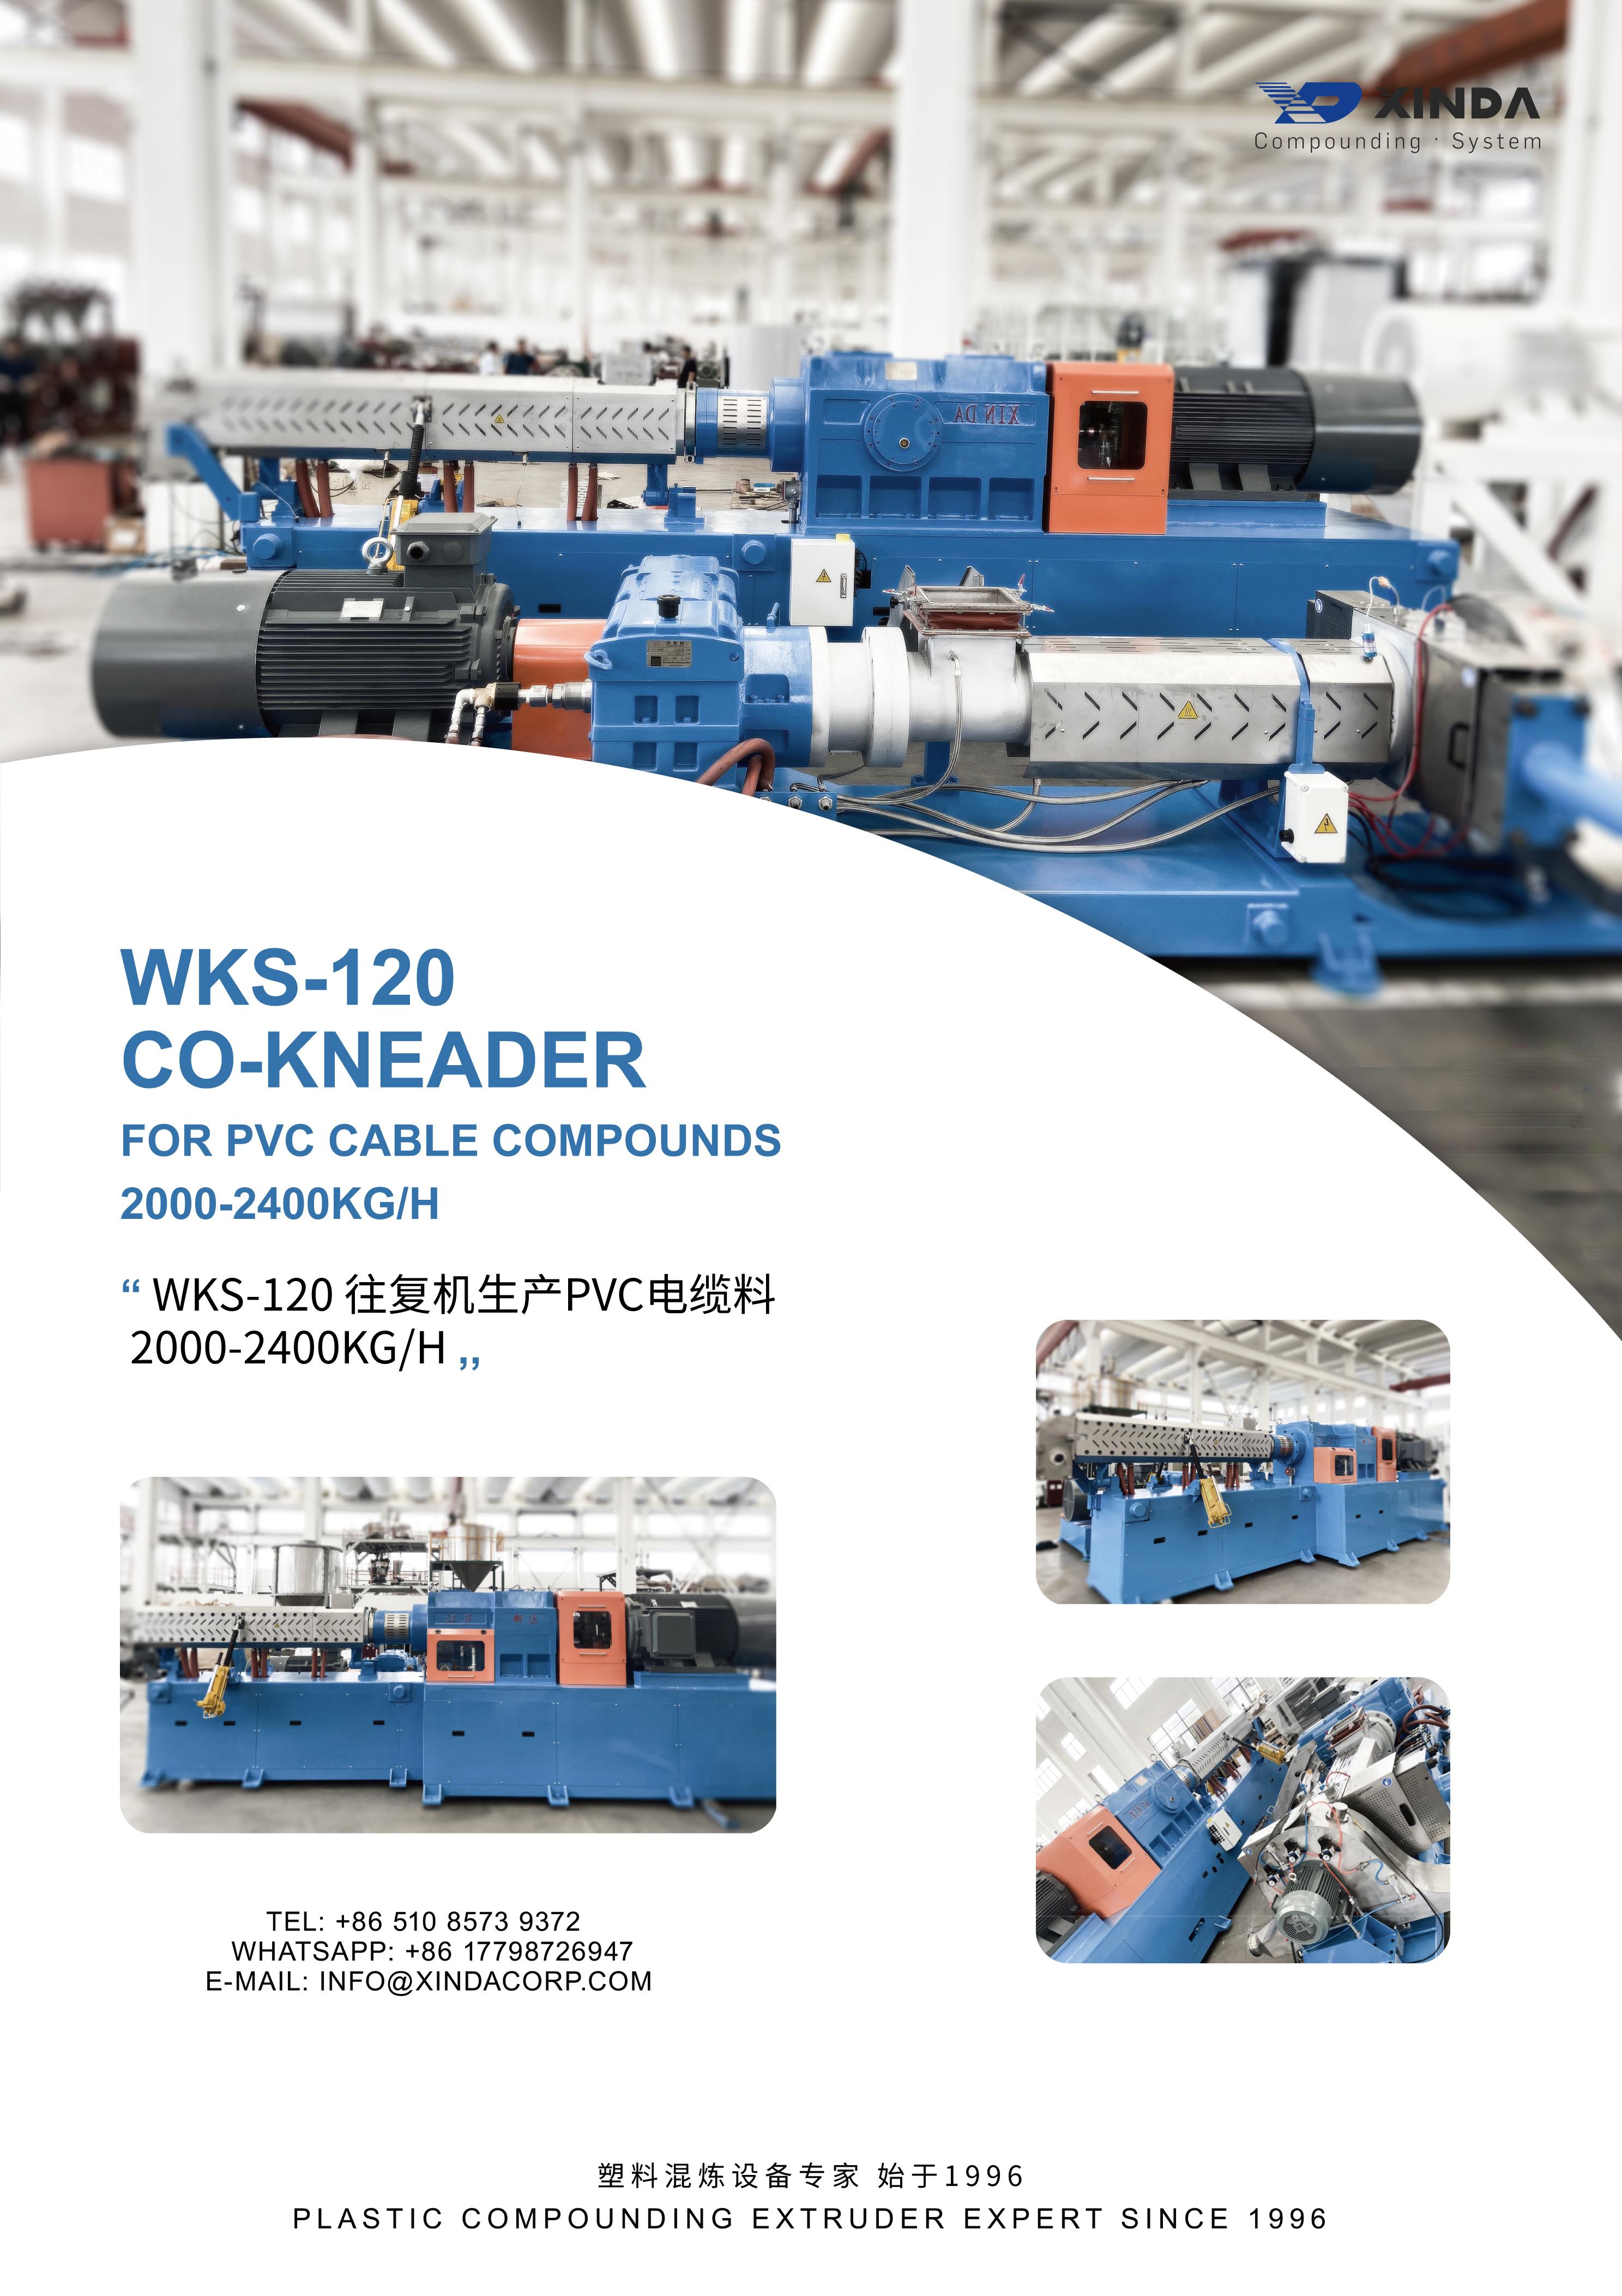 WKS-120 CO-KNEADER